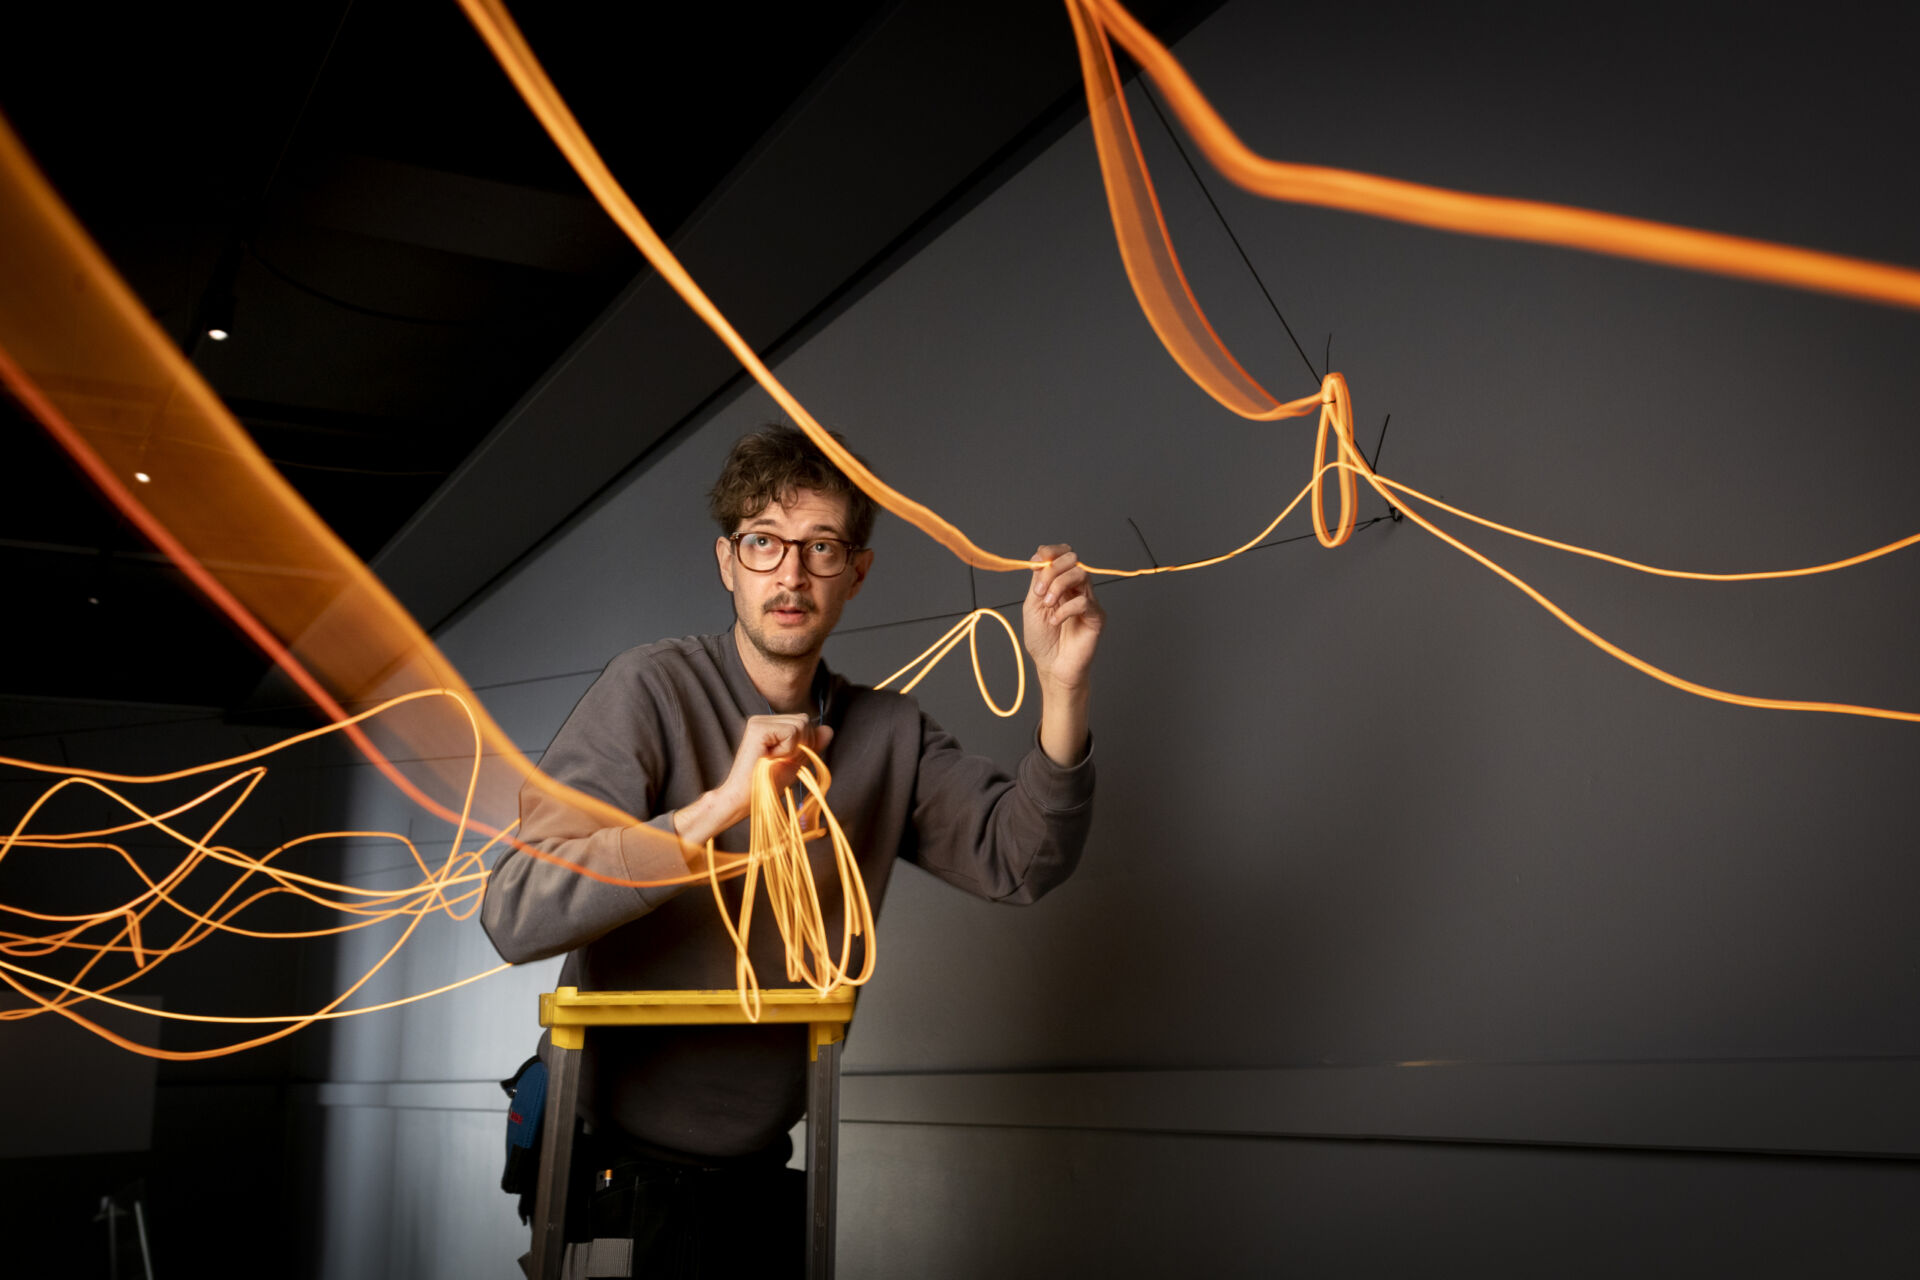 En man med ljust lockigt hår och glasögon står på en stege och håller i ett fång orangelysande trådar som ska fästas i taket